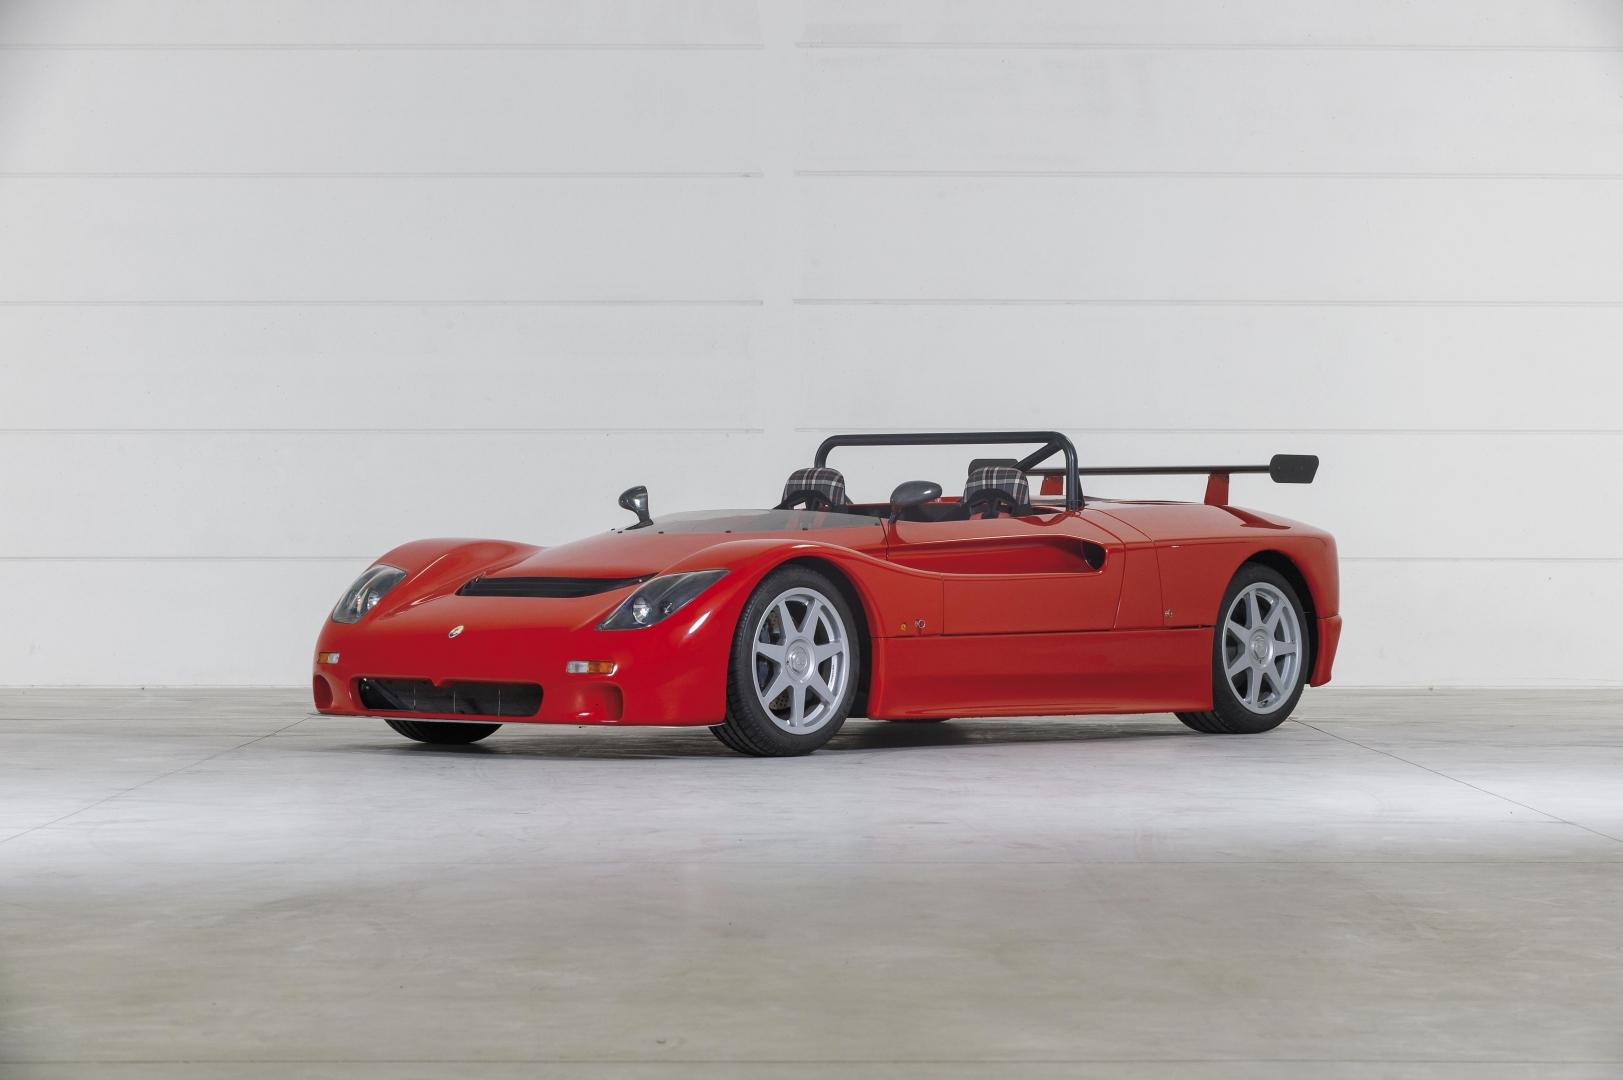 Maserati Barchetta '92